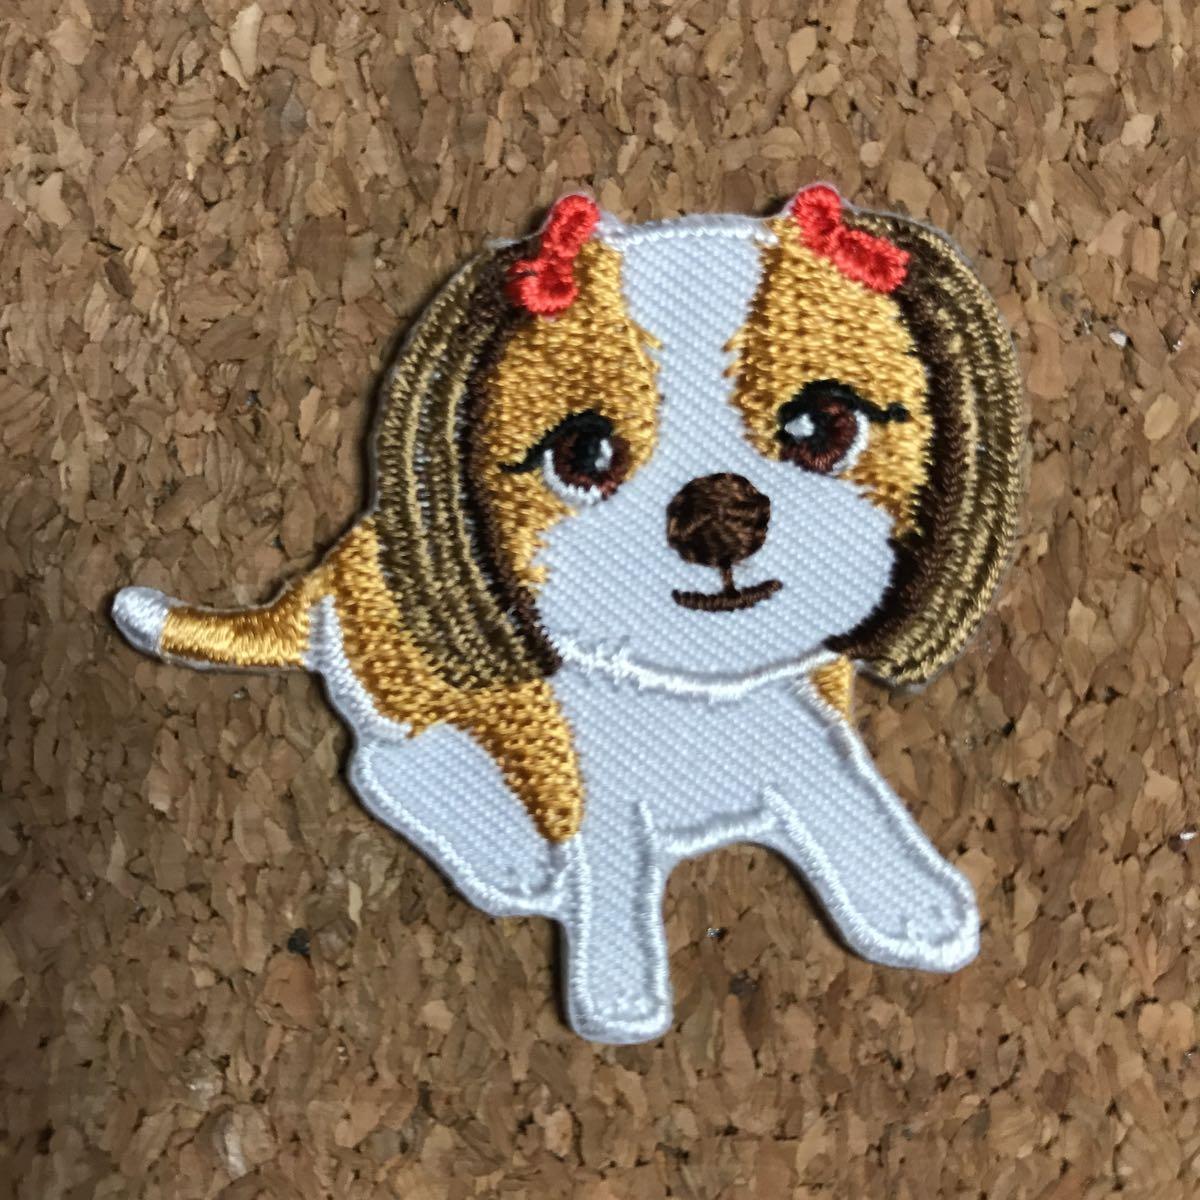 【ワッペン】シーズー★アイロンワッペン☆入園入学新学期準備にアップリケ犬ペット生き物